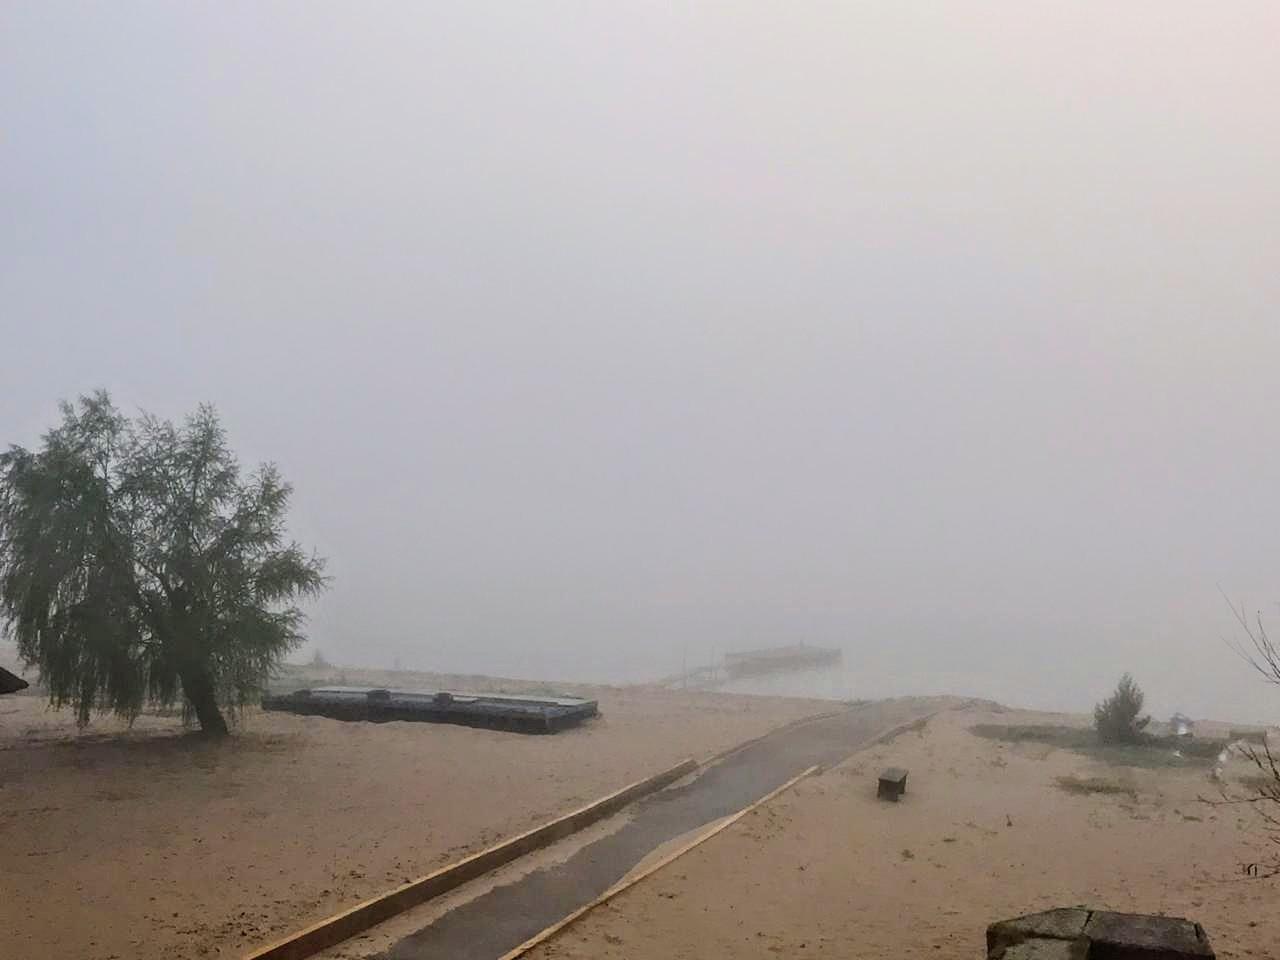 La ciudad quedó sumergida en la niebla (Rplus)